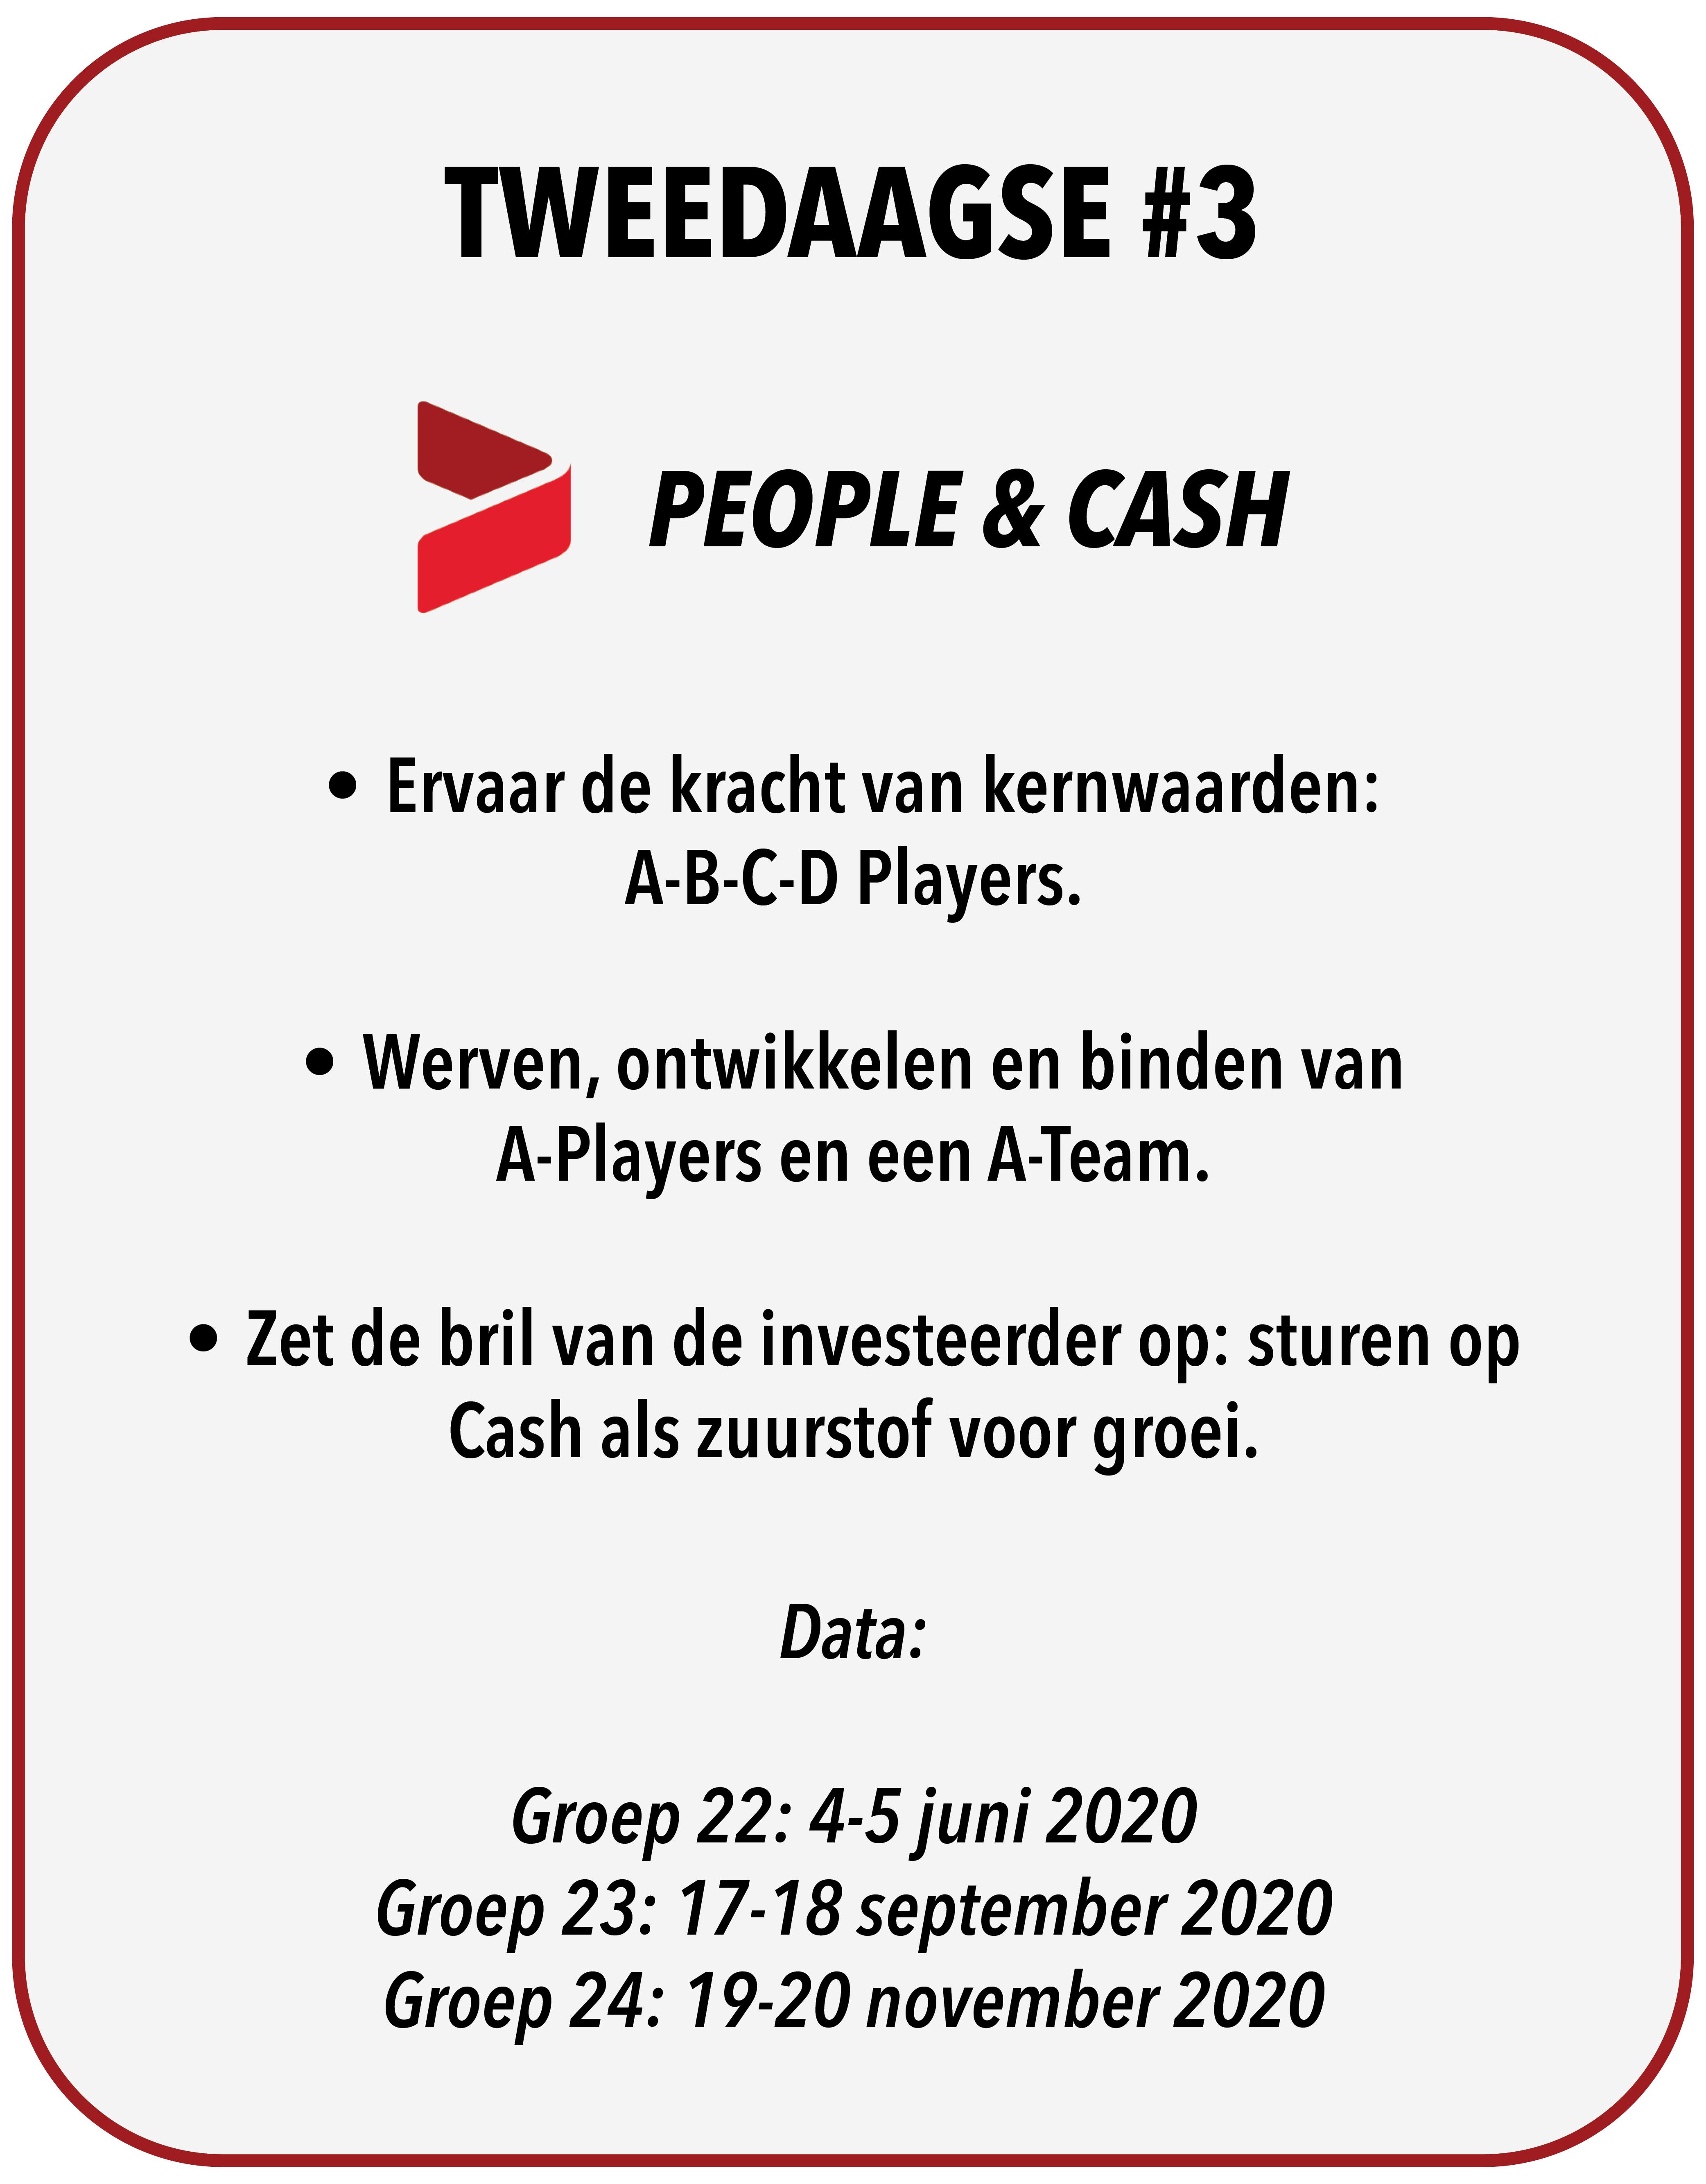 Tweedaagse #3 – People & Cash!